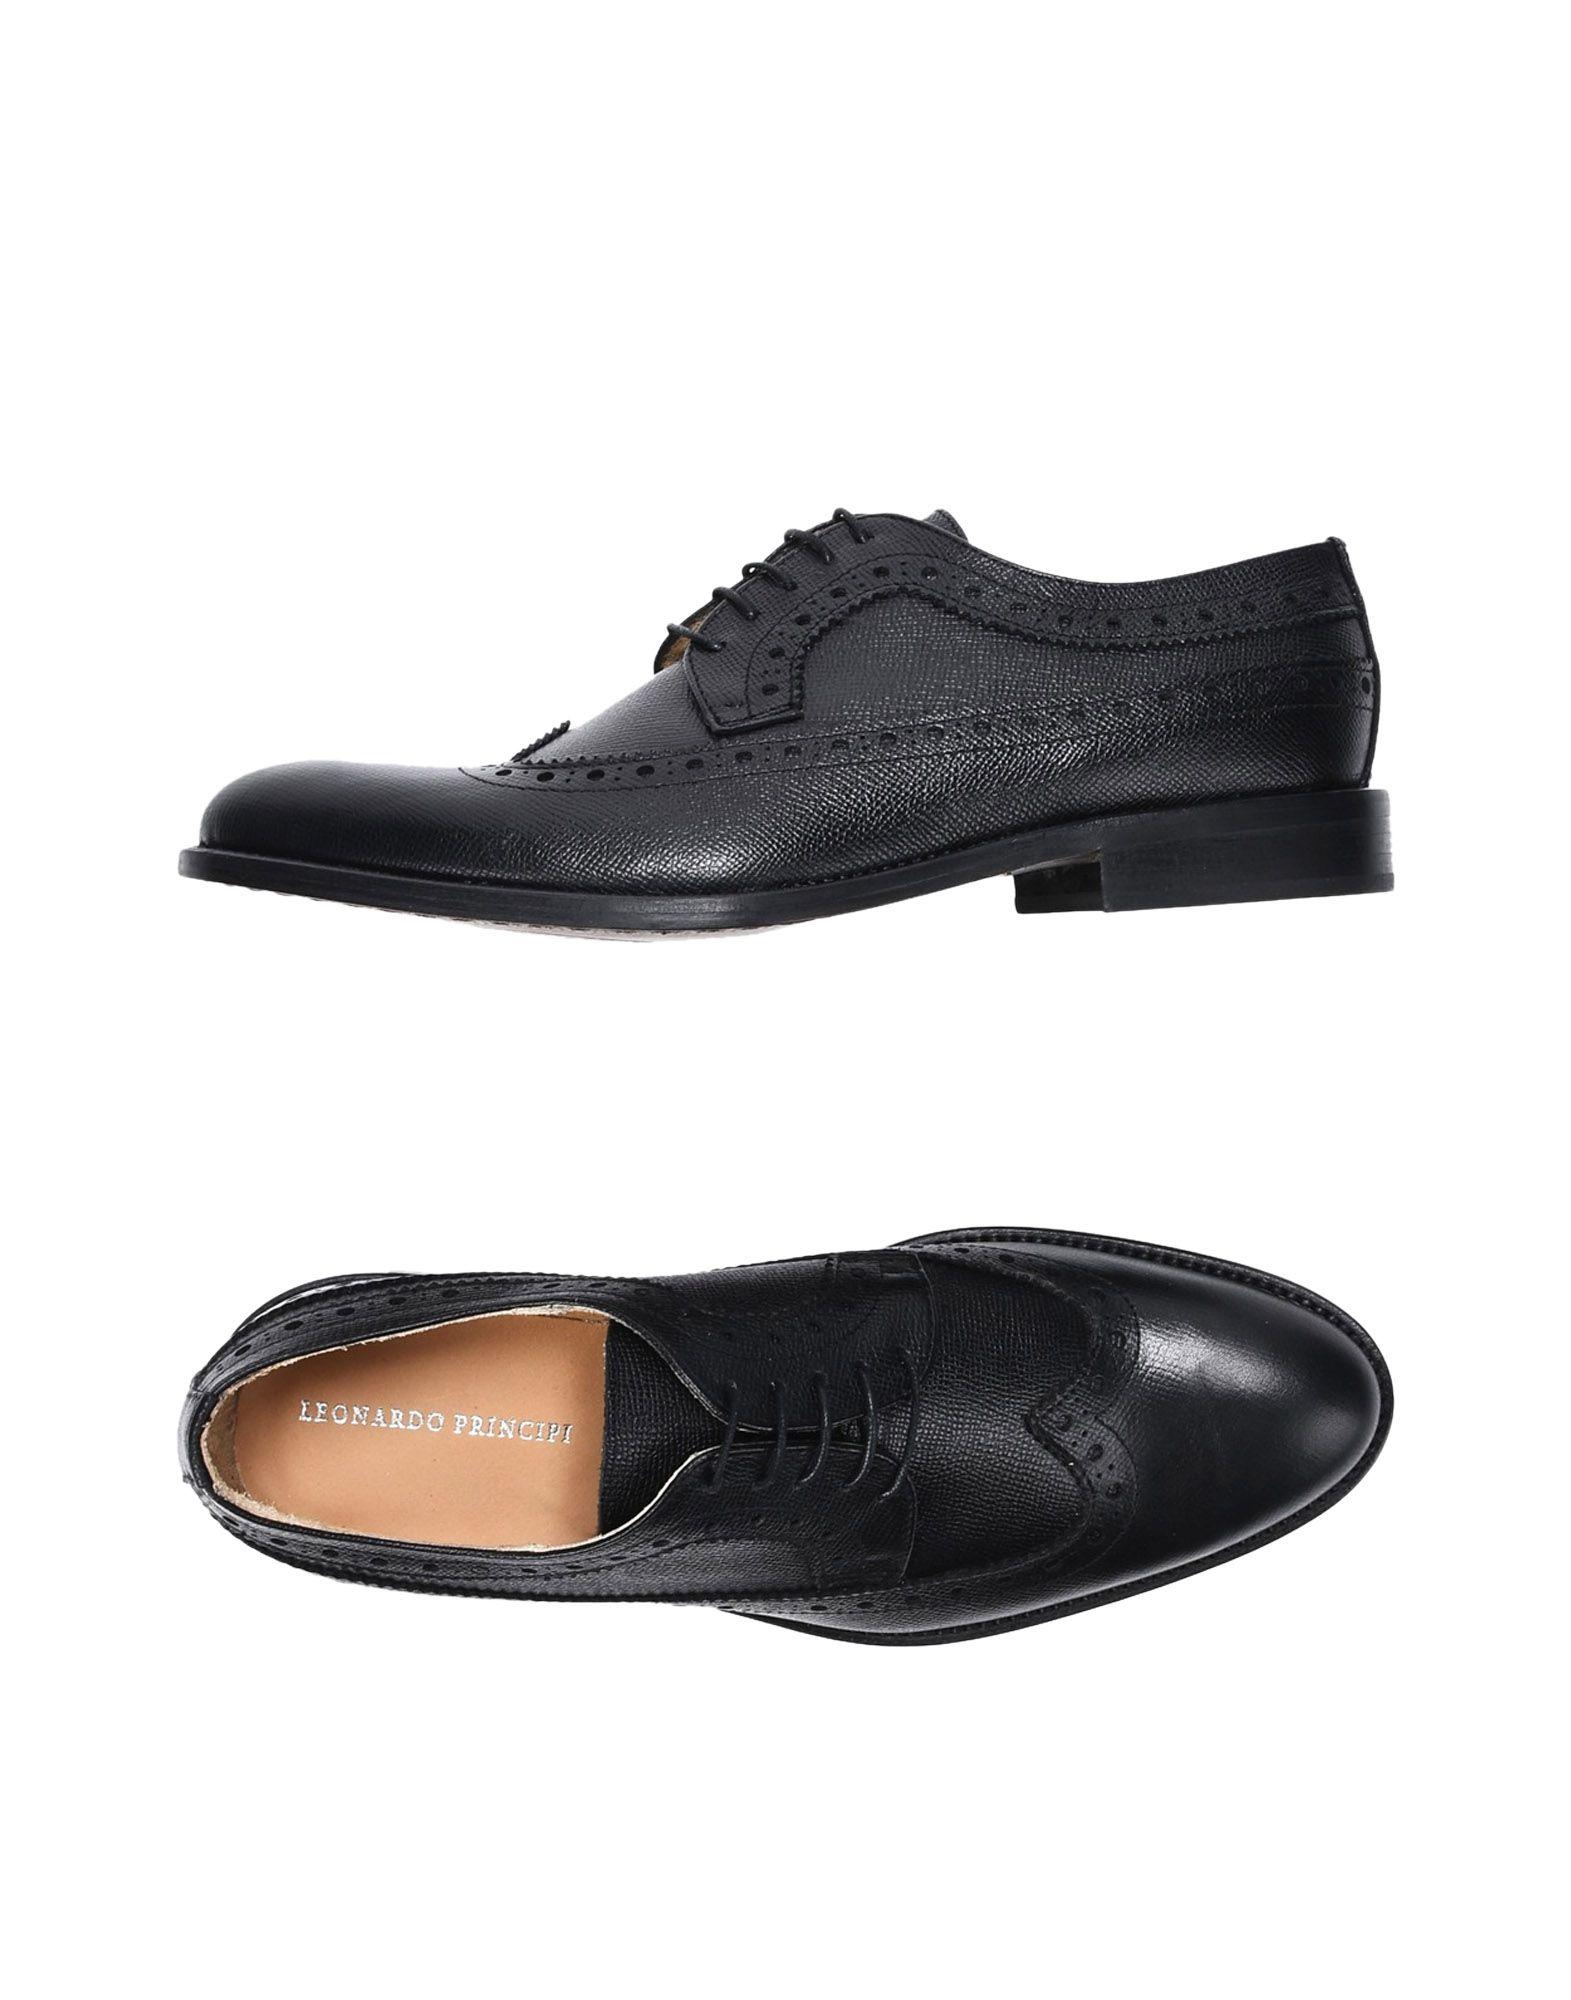 Rabatt echte Schuhe Leonardo Principi Schnürschuhe Herren  11410935TV